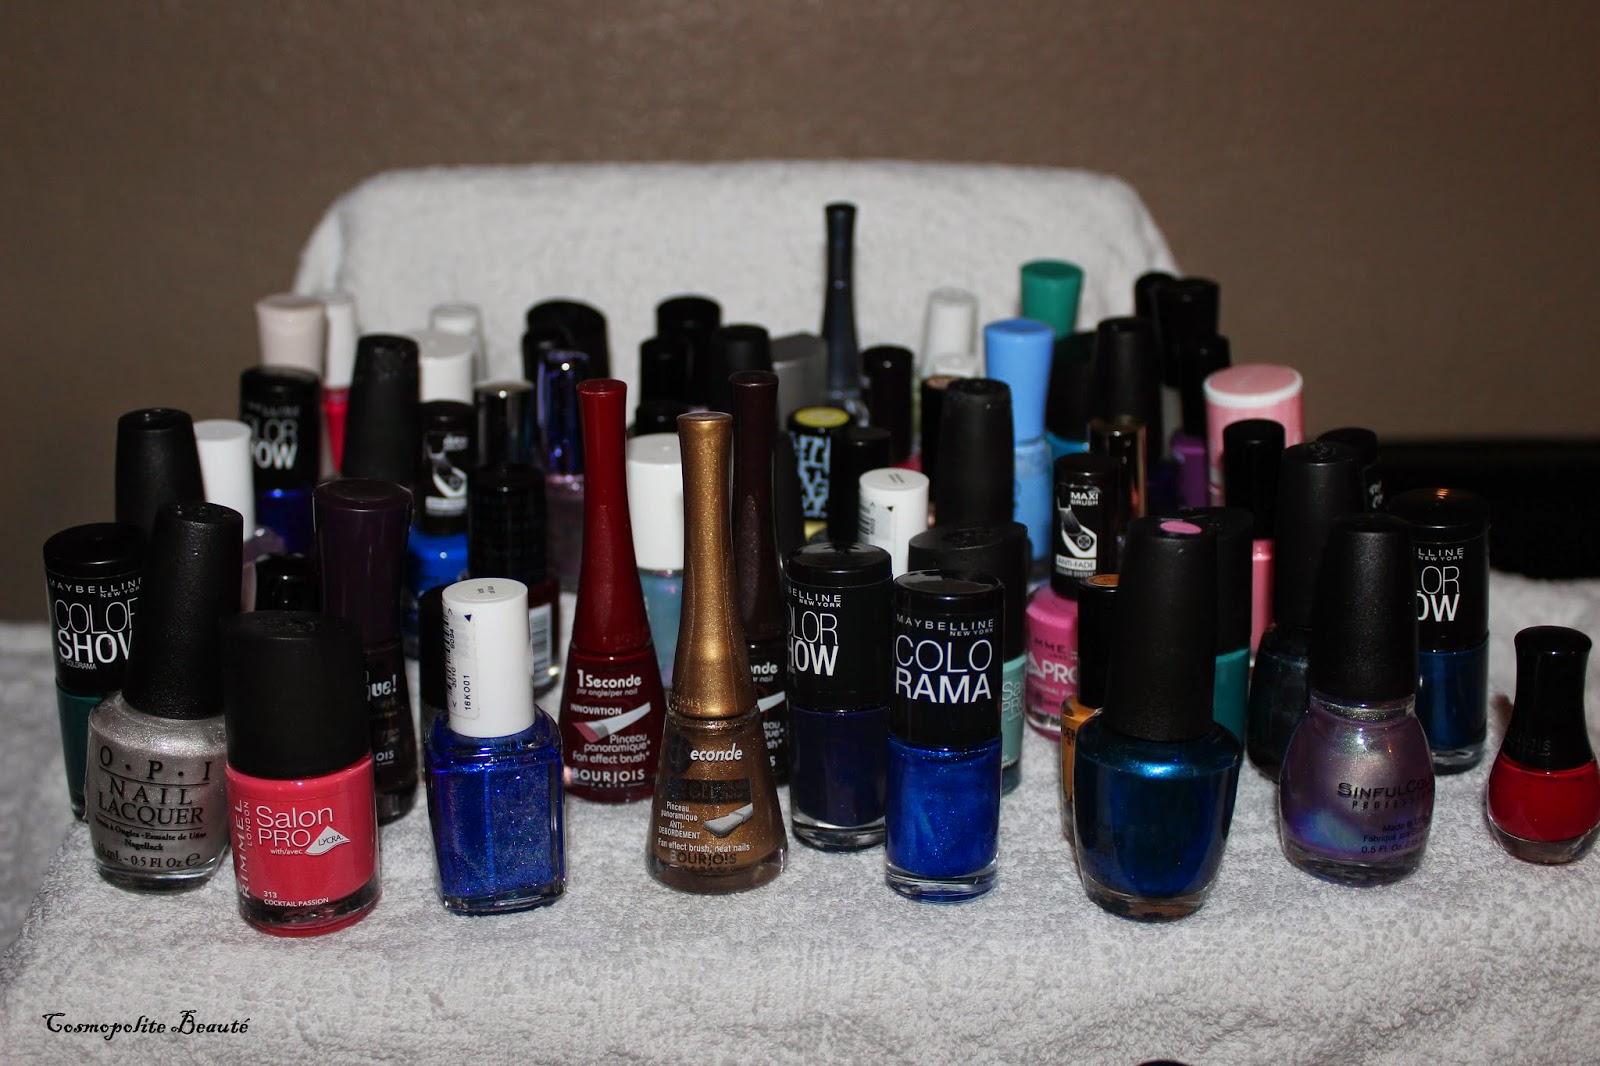 vernis, manucure, ongles, Essie, BOURJOIS, China Glaze, Rimmel, Revlon, L'Oréal, Peggy Sage, Mavala, Sinful Colors, Gemey, Une